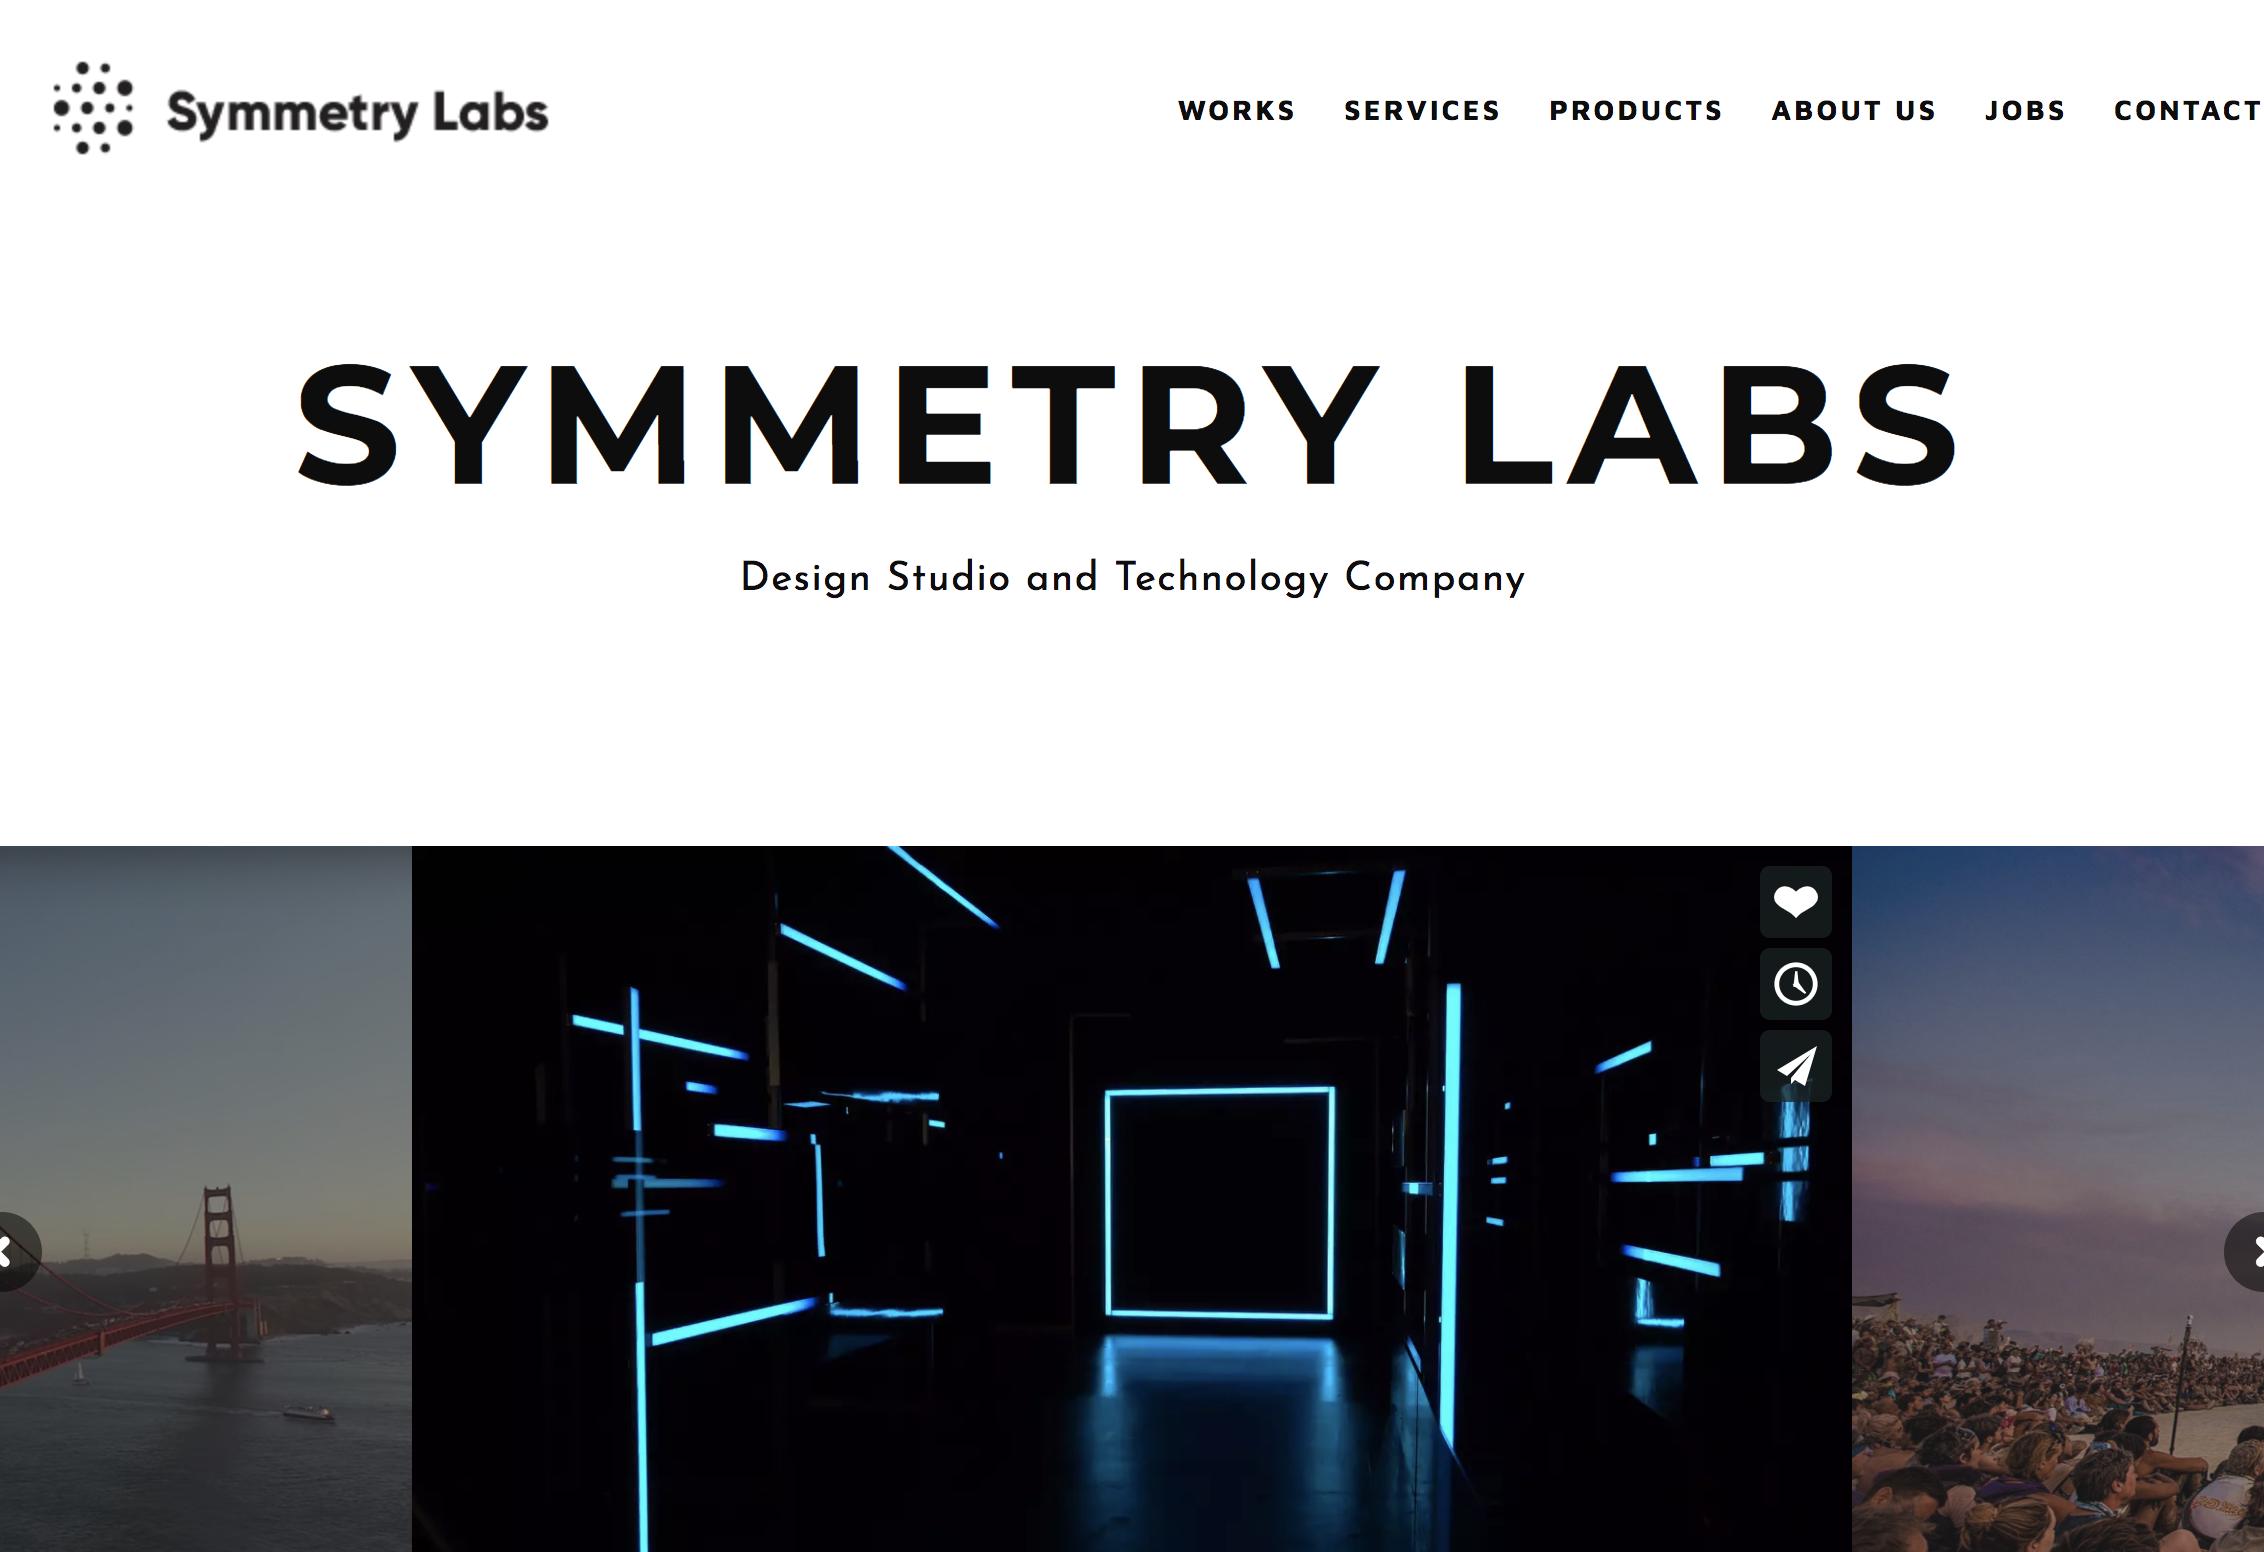 Symmetry Labs - Founding Board Member & Advisor